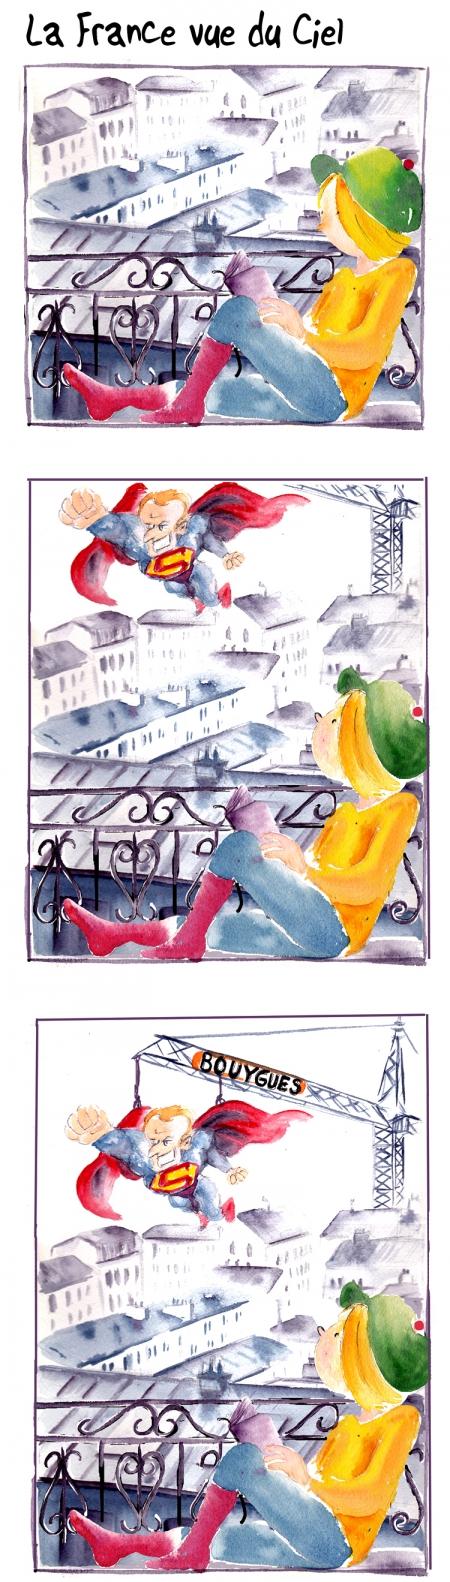 webzine,bd,gratuit,zébra,bande-dessinée,fanzine,strip,lola,aurélie dekeyser,paris,macron,présidentielles,2017,victoire,superman,bouygues